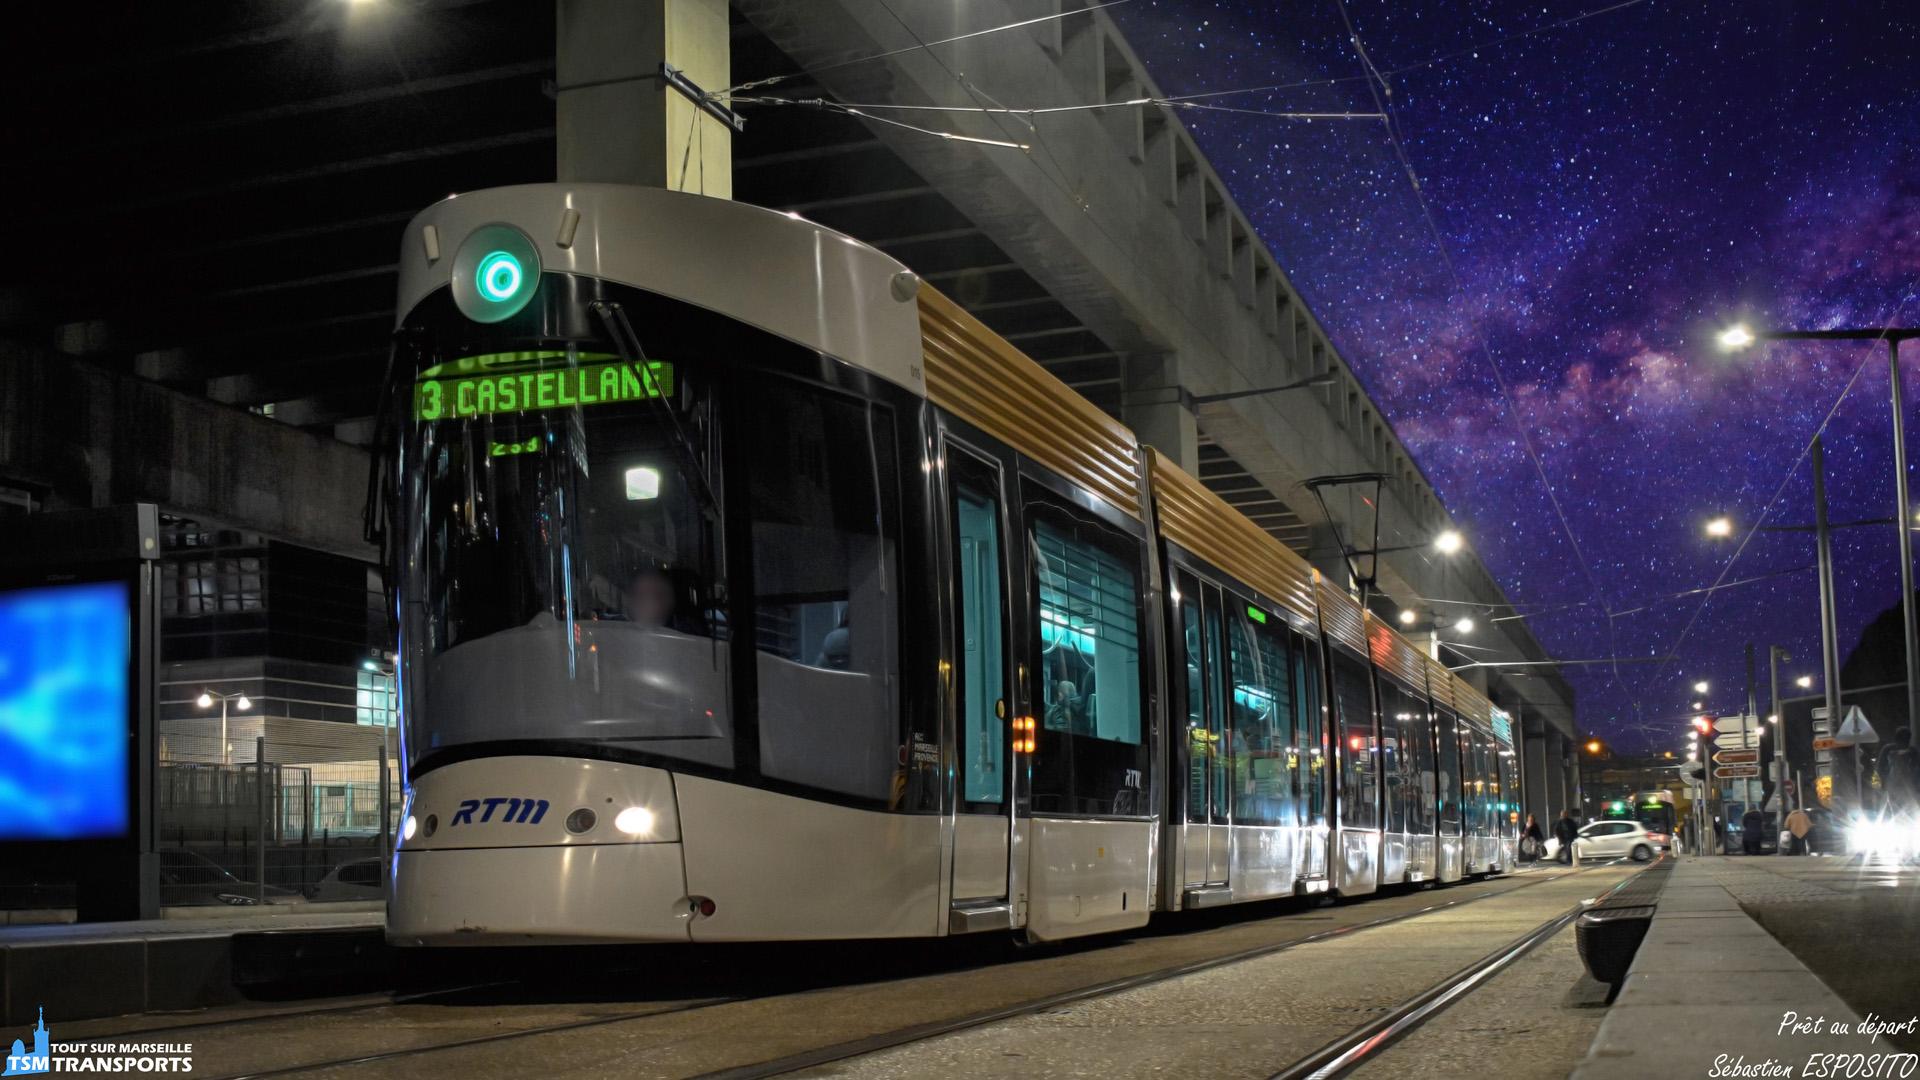 Le signal de la fermeture complète des portes viens de retentir en cabine, le conducteur s'apprête à lancer les 8 moteurs de la rame n°15 vers Castellane, terminus de la ligne T3. . ℹ️ Bombardier Flexity Outlook Type C RTM n°015. . 📍 Arenc Le Silo, Boulevard de Paris, 2eme arrondissement de Marseille. . ↔️ T3 : Arenc Le Silo - Castellane. . 📸 Nikon D5600. . 📷 Nikkor 18-55mm. . 📅 12 Décembre 2018 à 18:01. . 👨 Sébastien ESPOSITO.